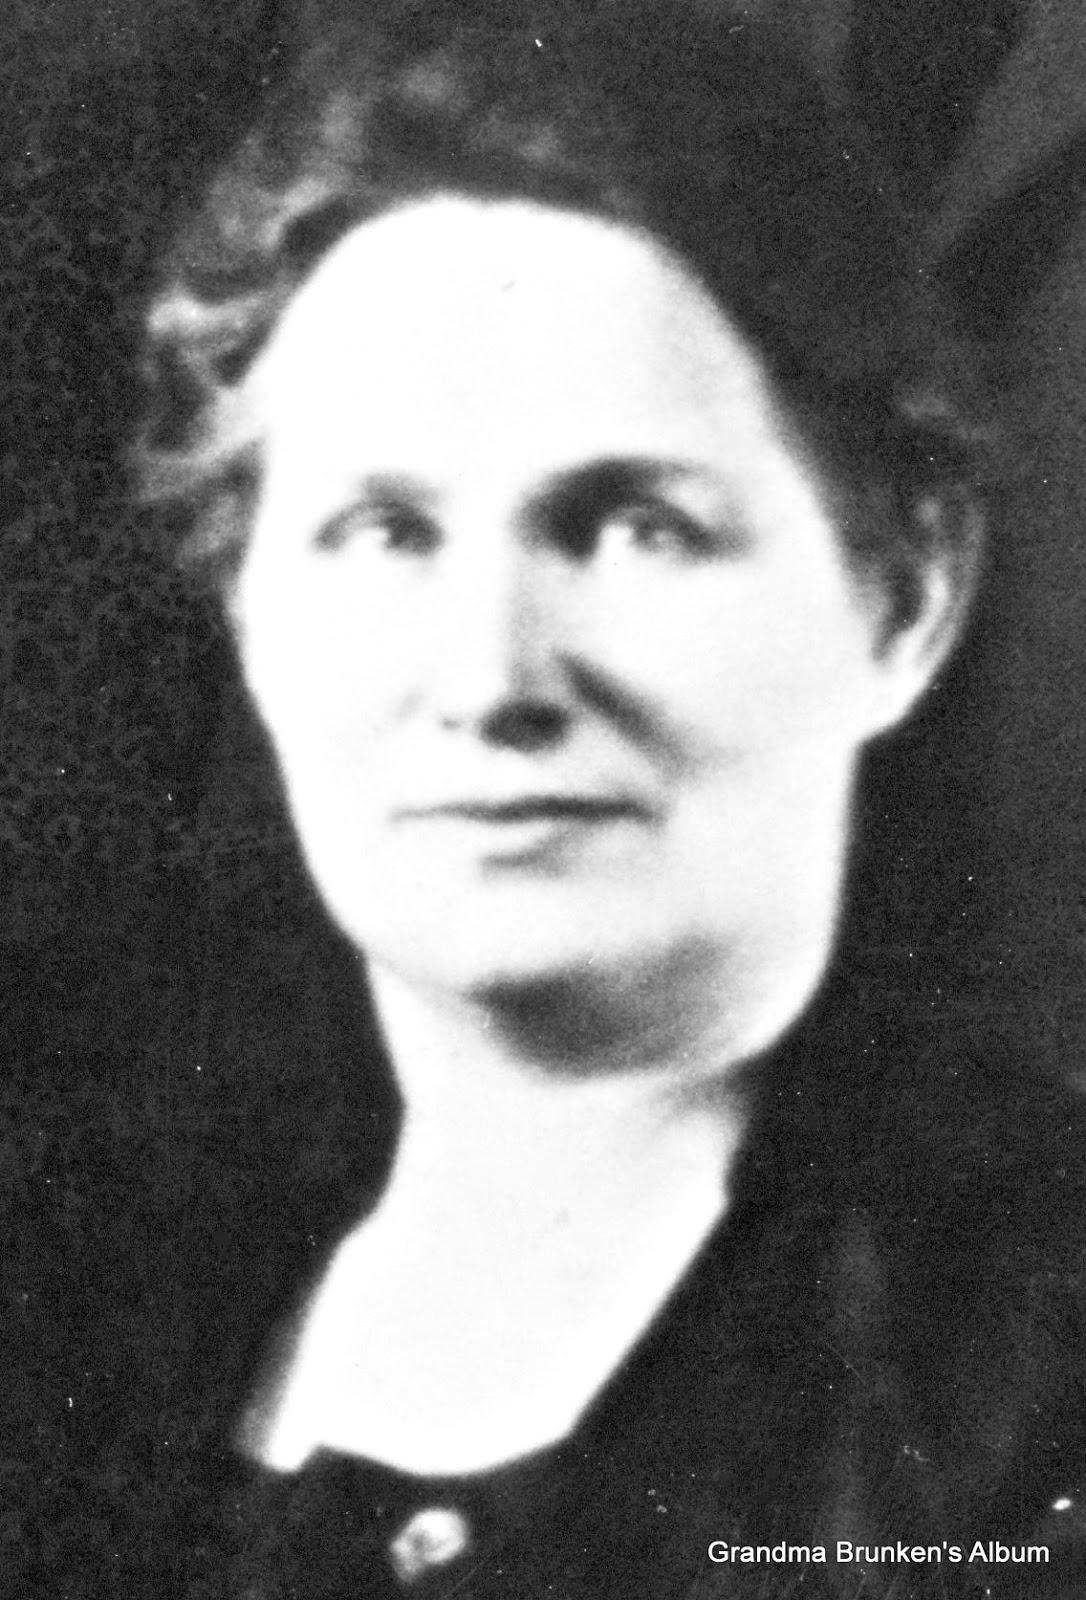 Fredericka Mary (Brunken) Witt